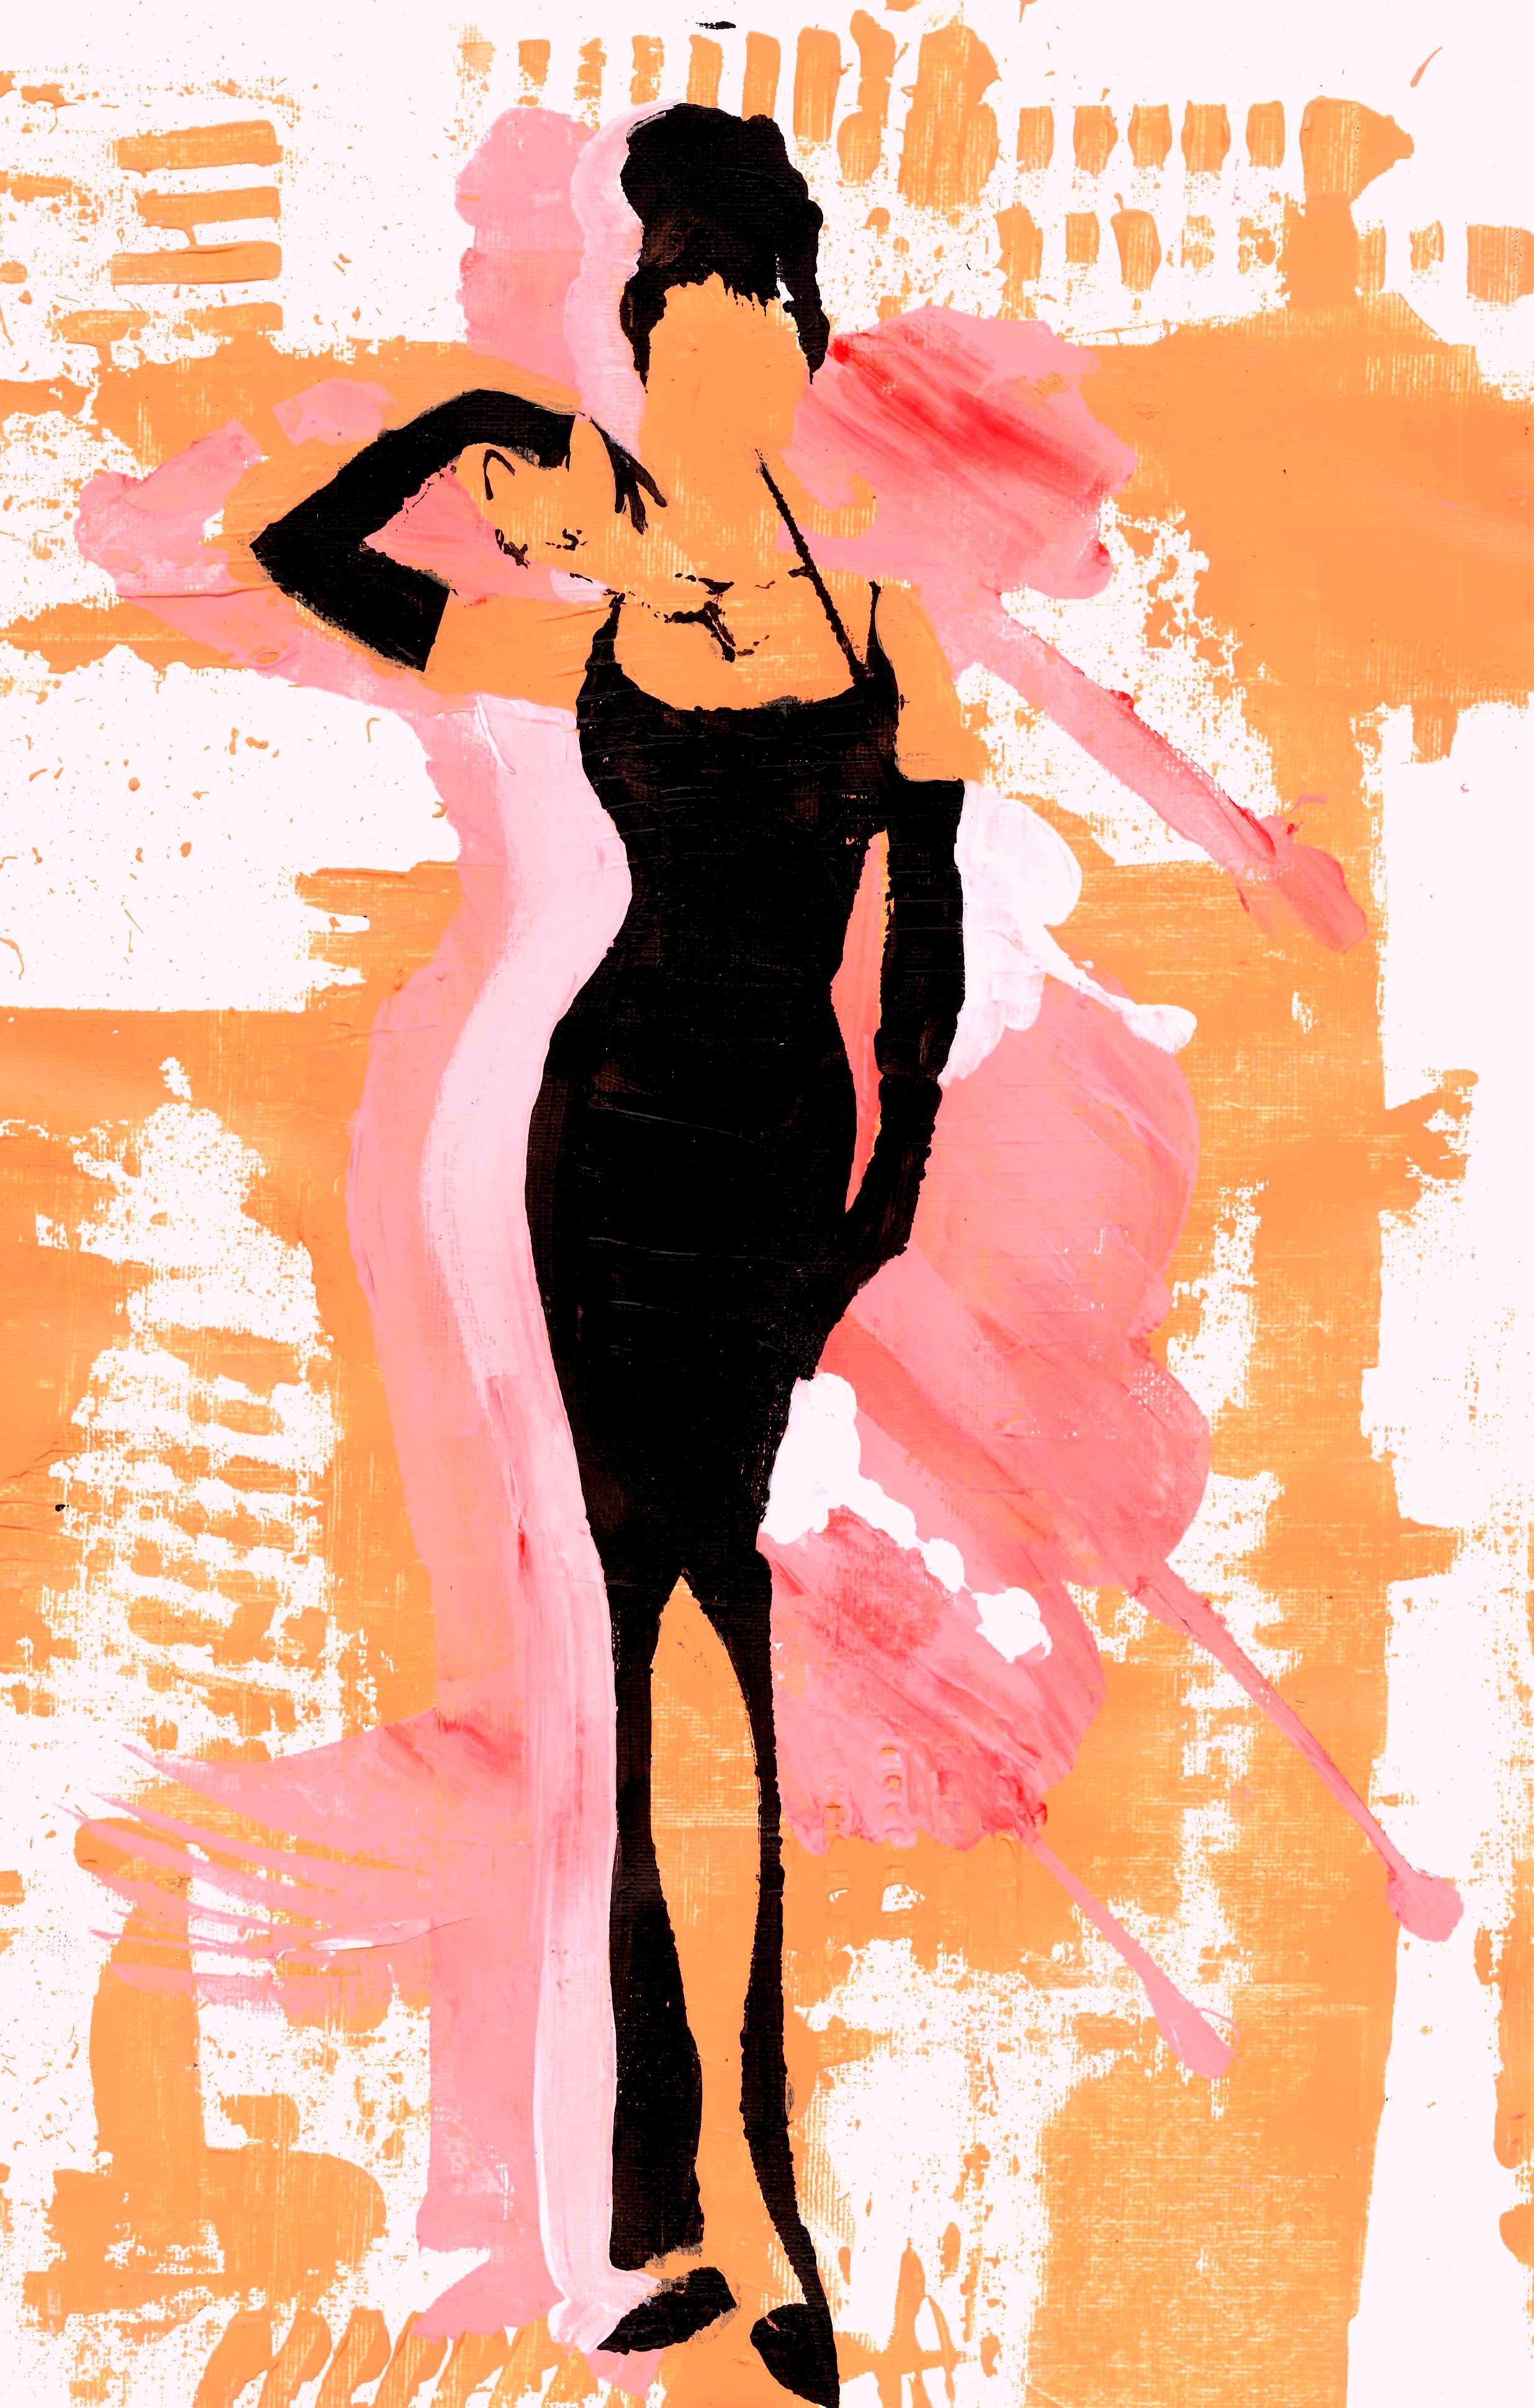 Ms Hepburn